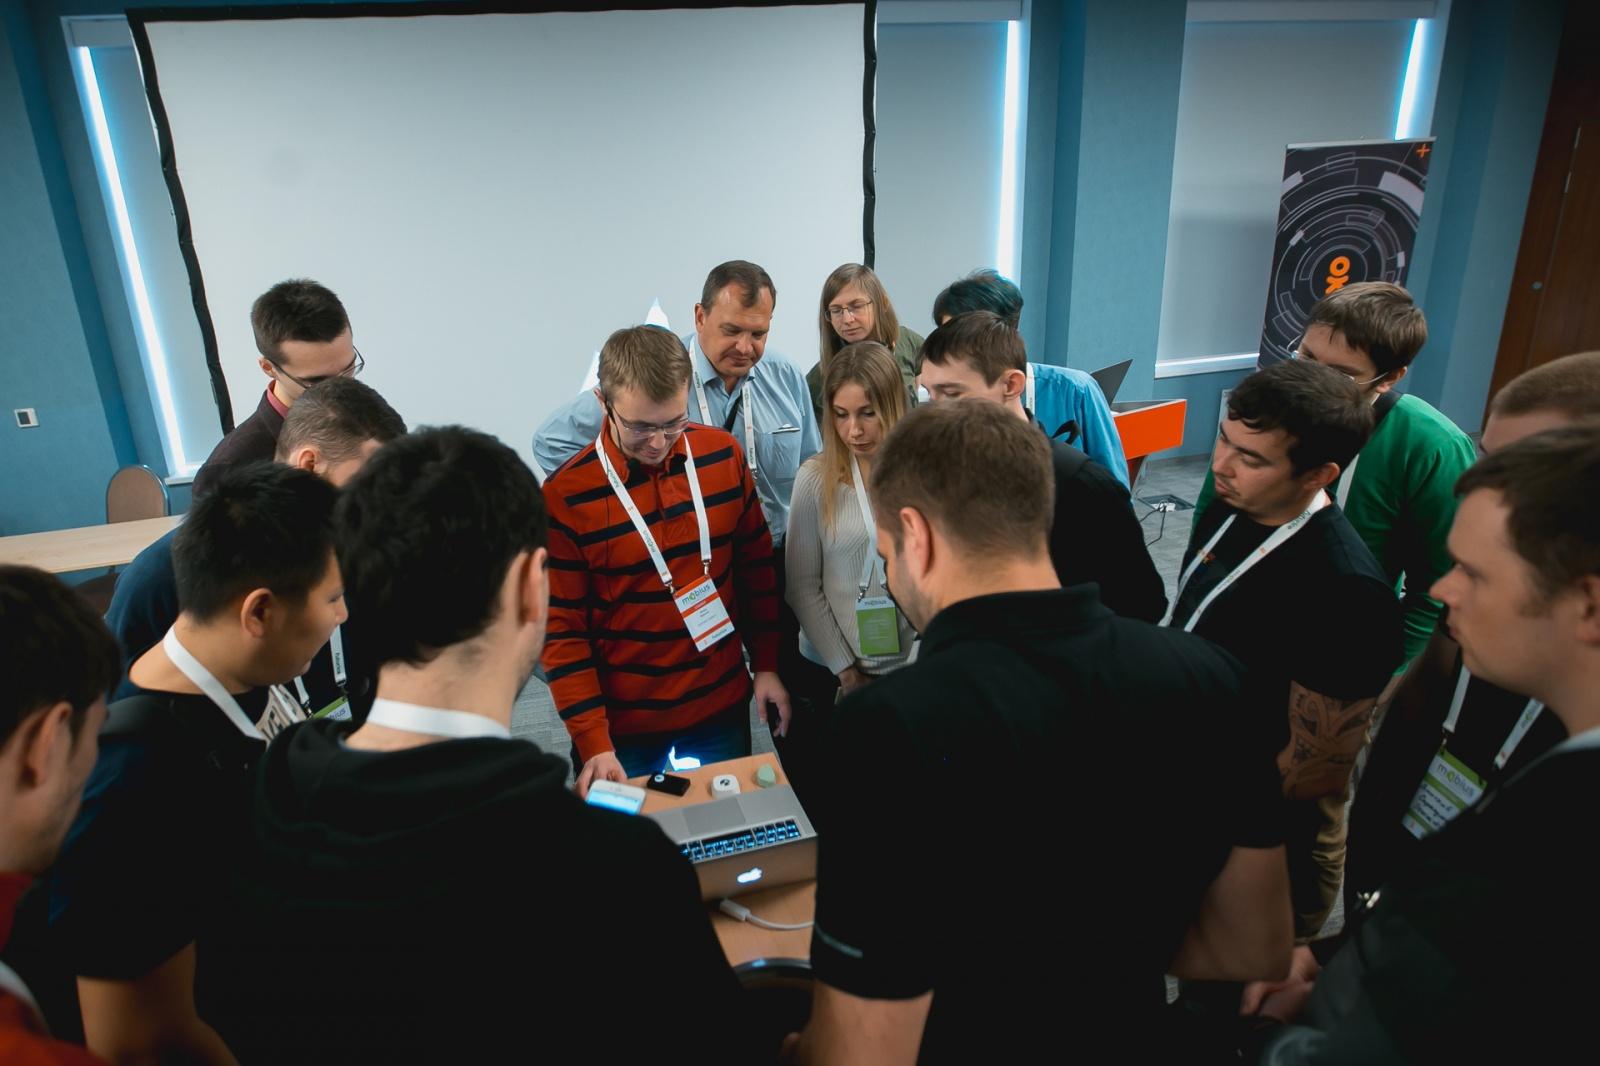 Конференция Mobius: как в мобильных устройствах открывали неочевидное - 8